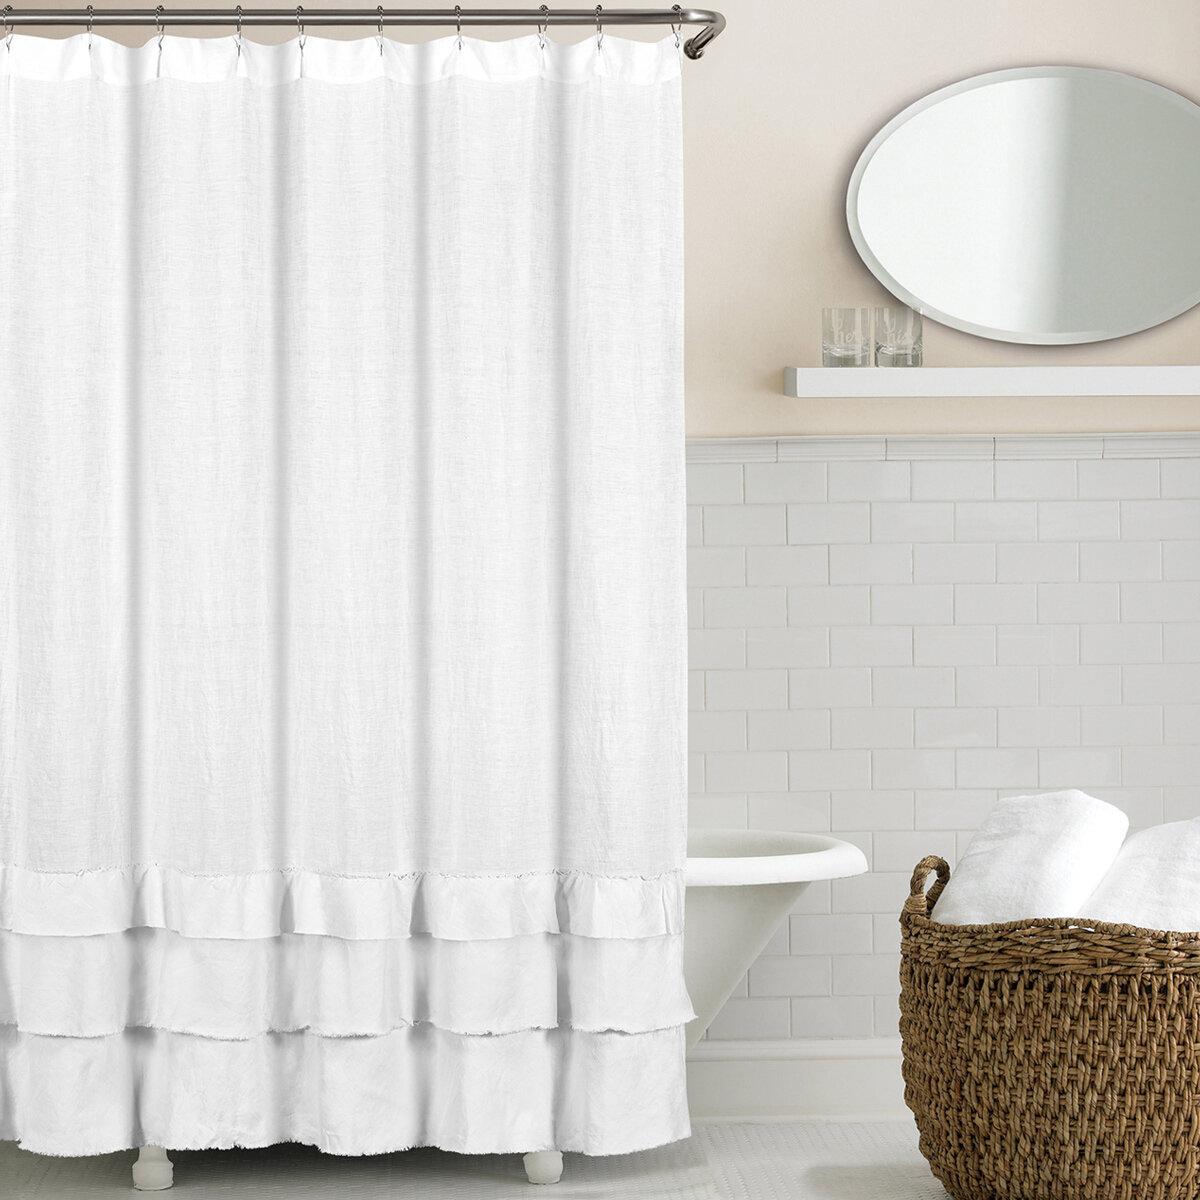 Lark Manor Imane Ruffled Belgian Linen Shower Curtain & Reviews ...